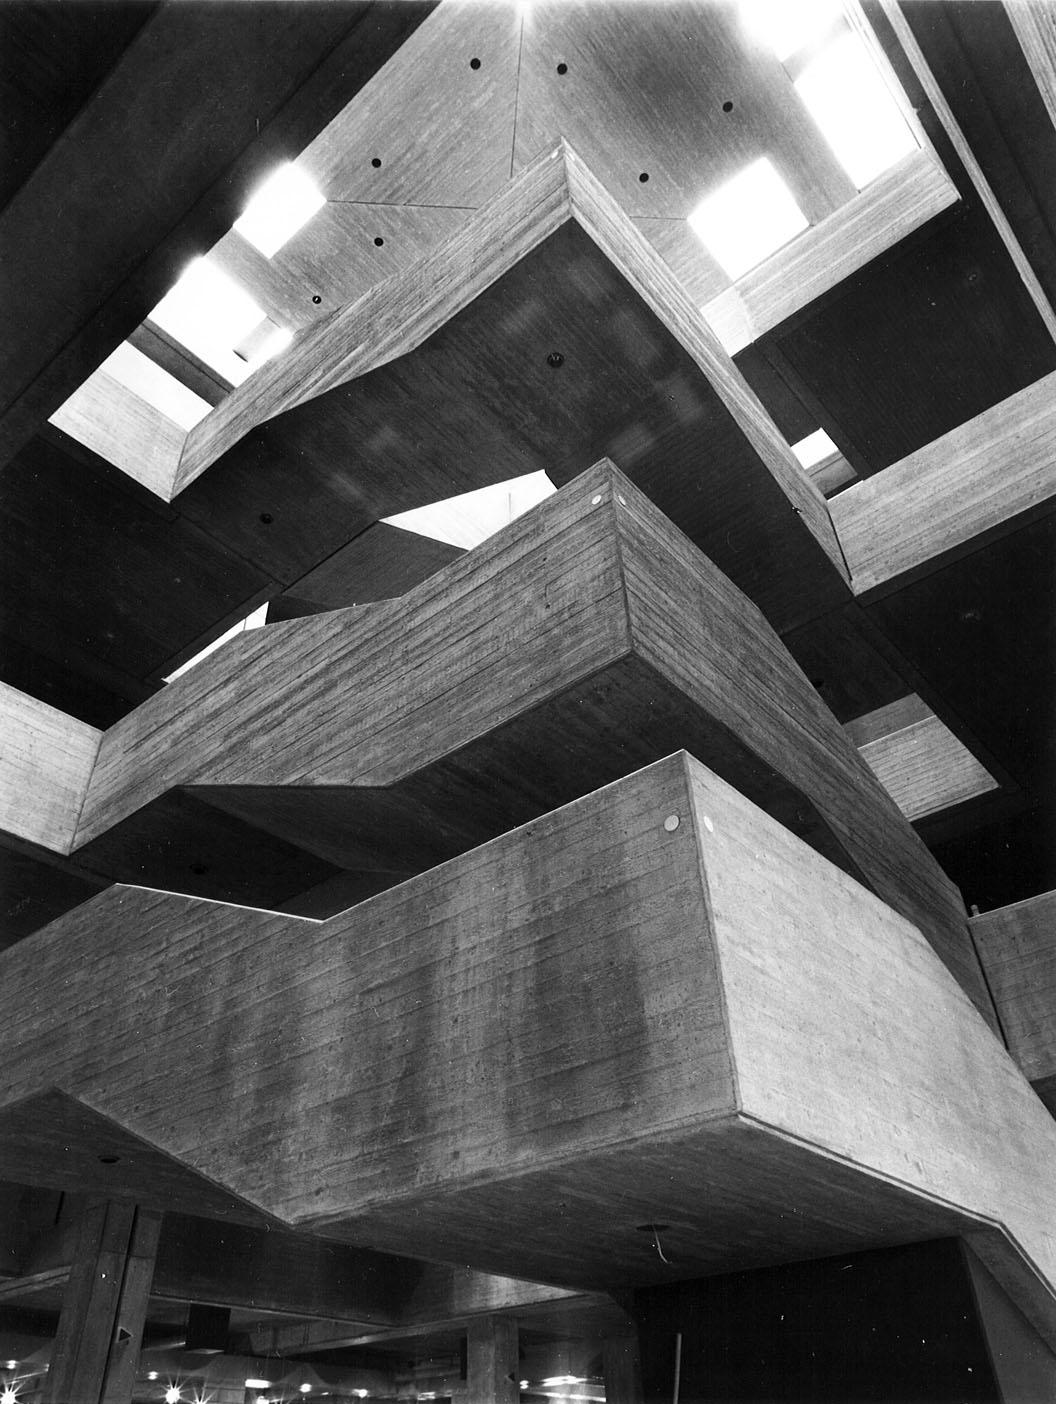 Ruhr-Universität Bochum, Eingangshalle der Bibliothek, (Bruno Lambert, 1972-74) (Bild: Universitätsarchiv Bochum, Dep. Staatl. Bauamt Bochum 02, 74.0640, Foto: Heinz Lohoff)